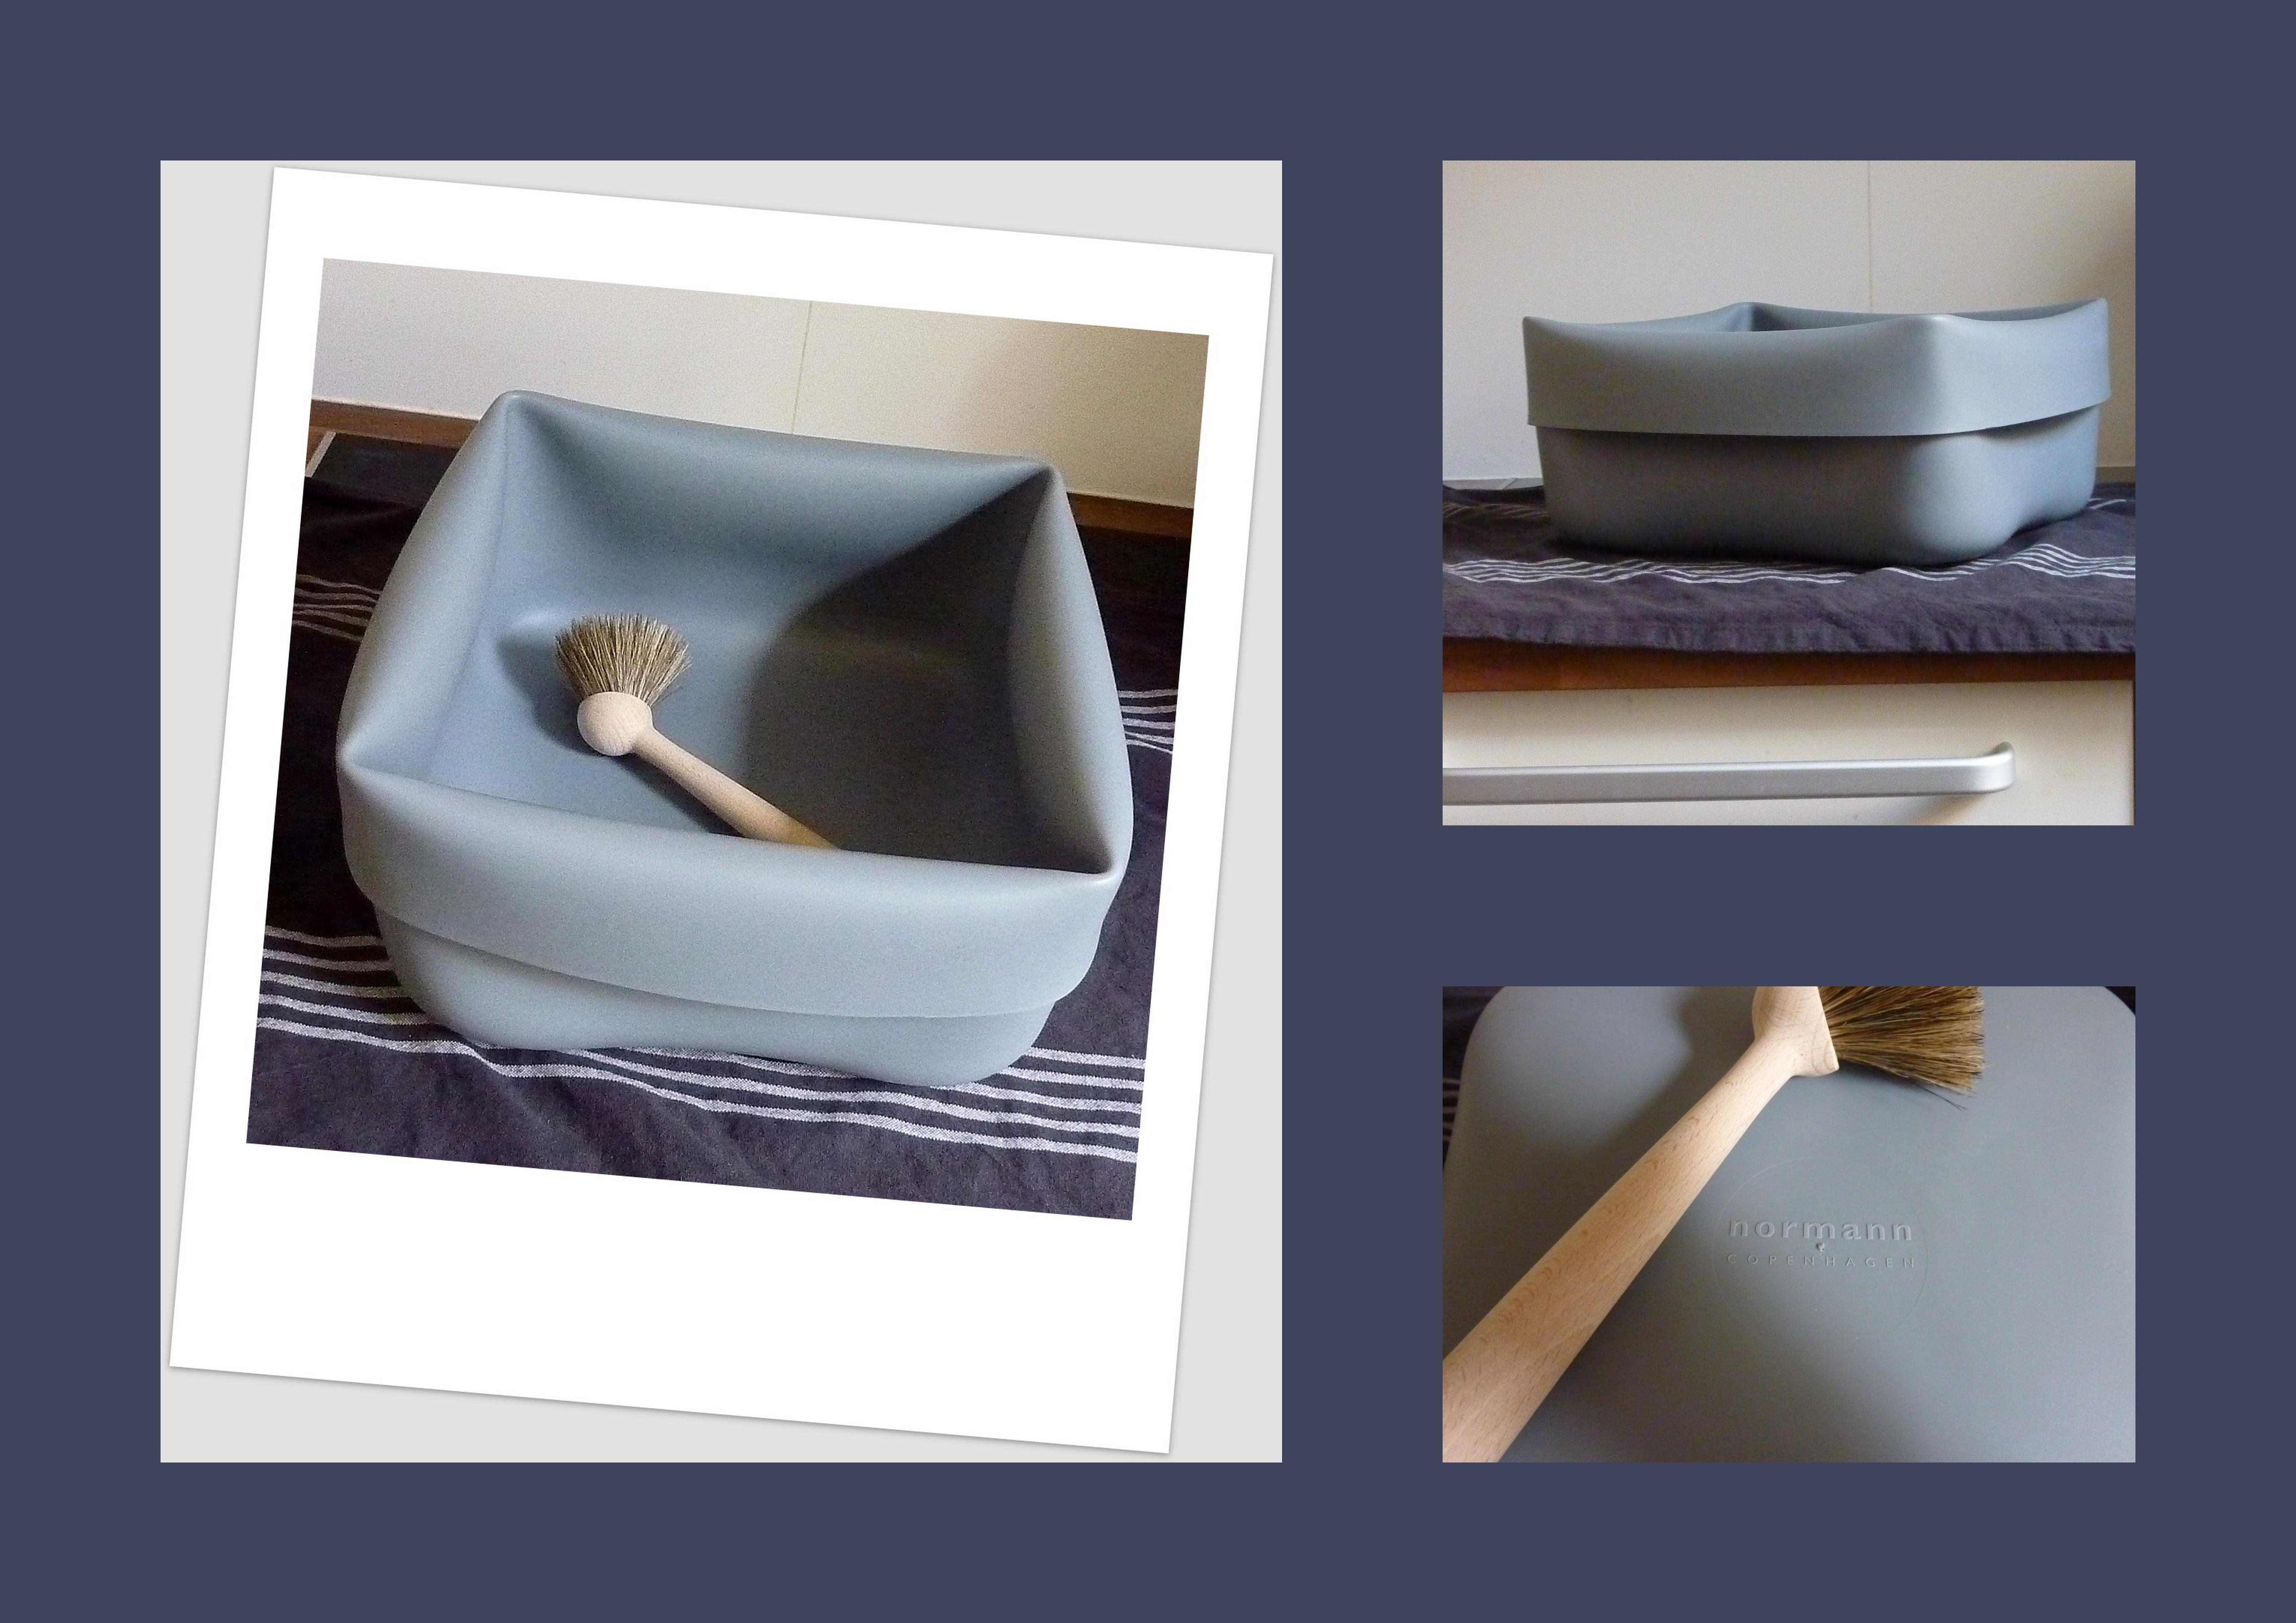 Normann copenhagen le design au quotidien la batignollaise for Bassine caoutchouc